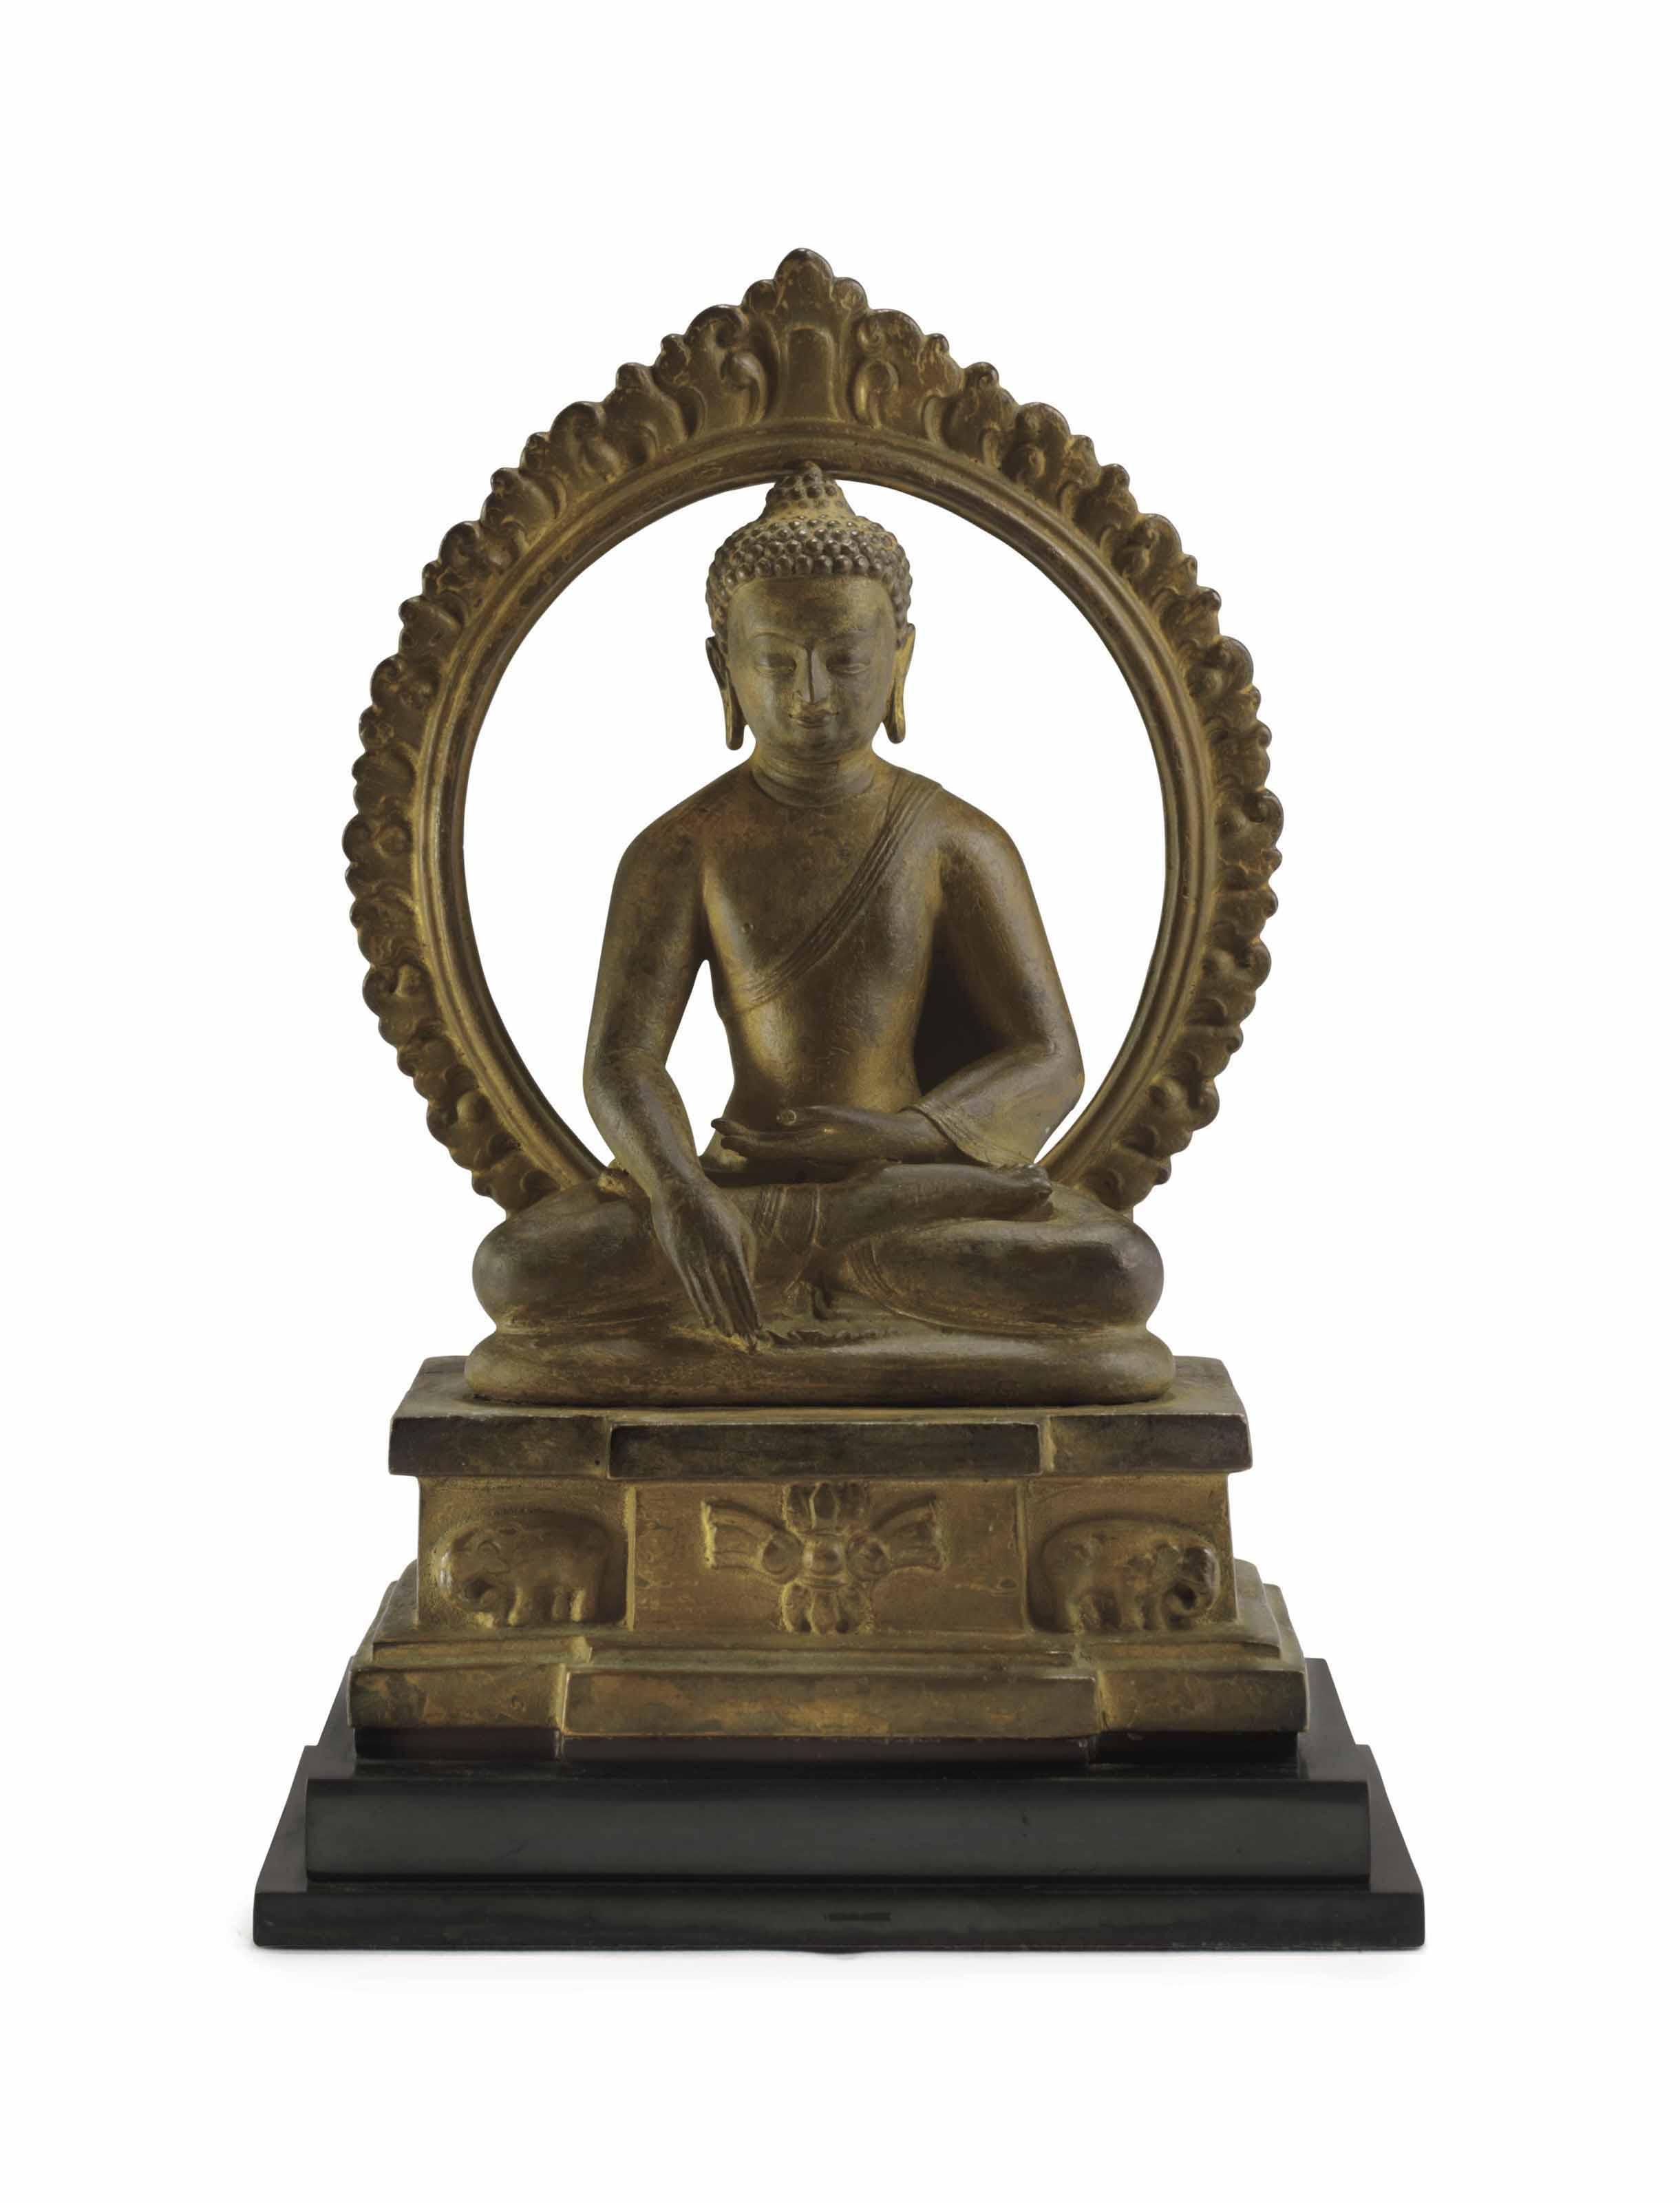 A Bronze Figure of an Enthrone